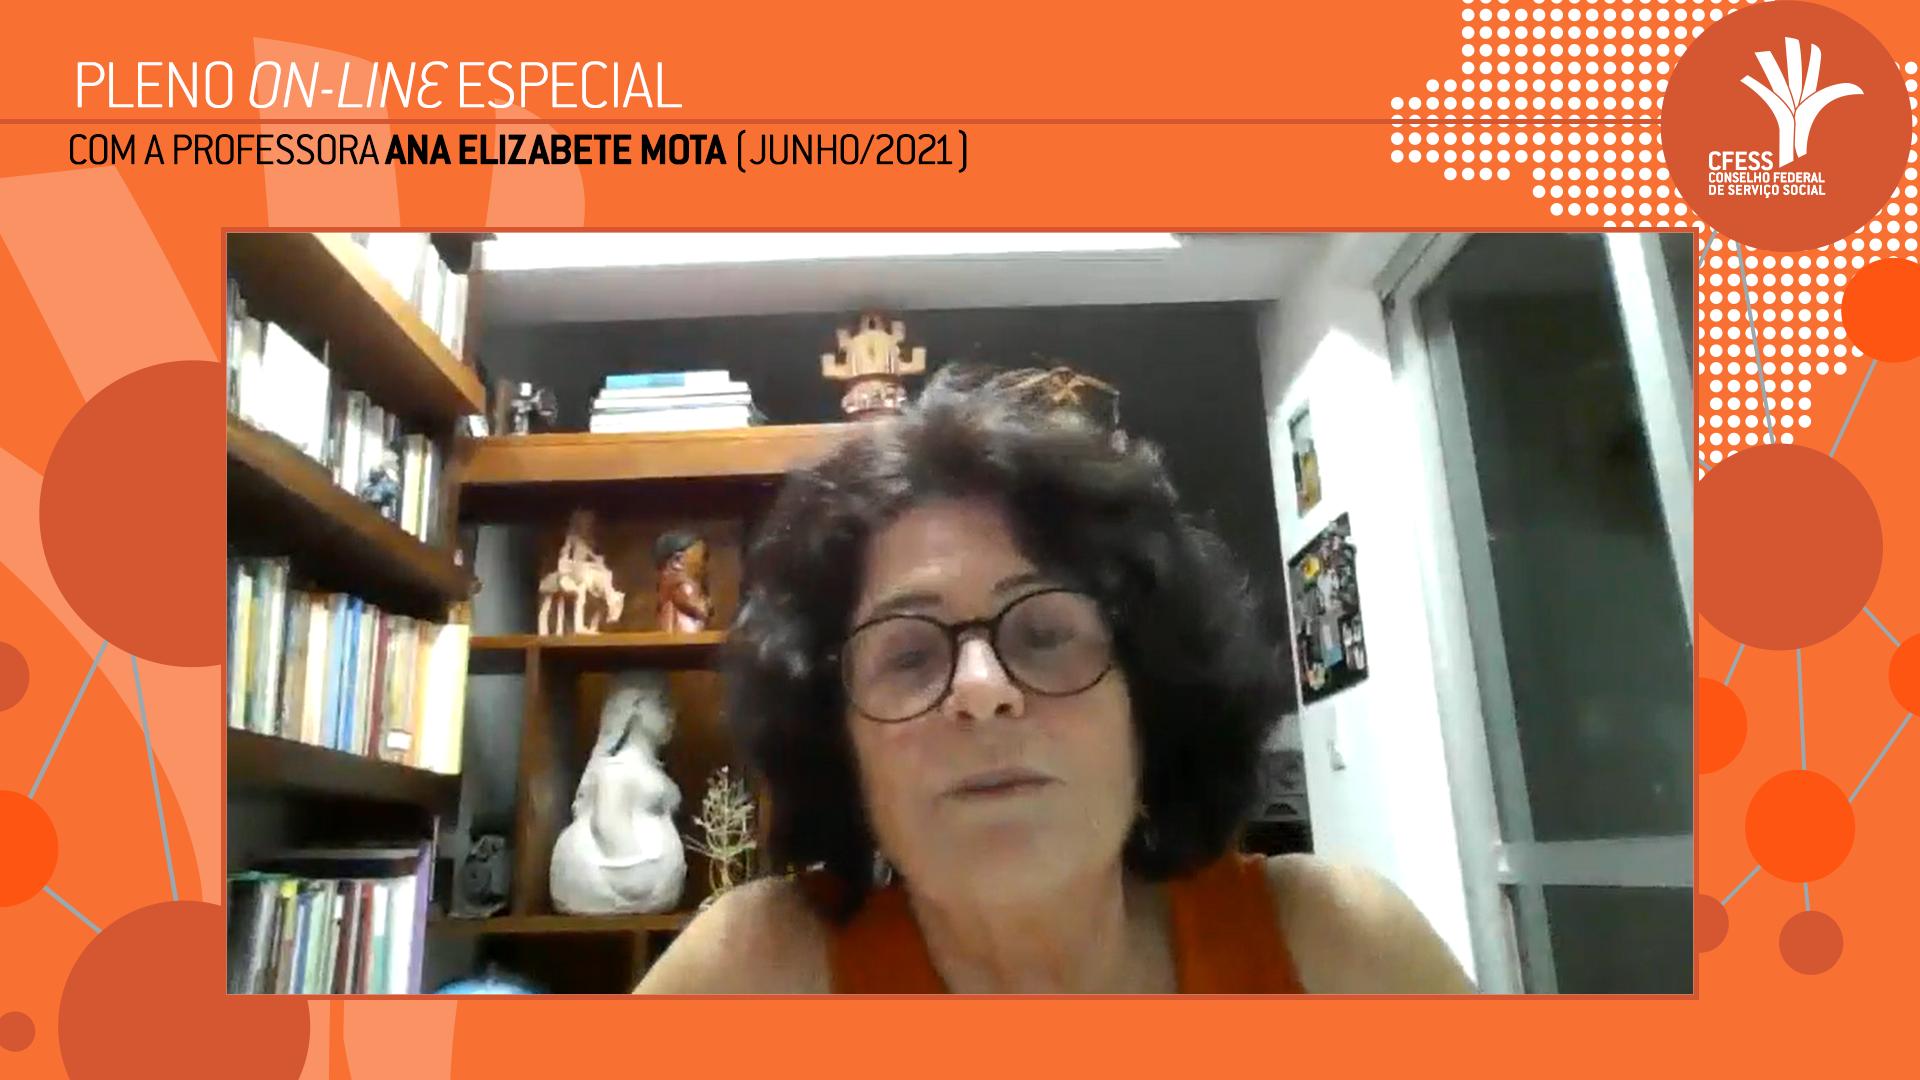 Imagem da professora Ana Elizabete Mota, durante debate com a gestão do CFESS, por meio virtual, mostrada em um quadro, com fundo colorido laranja.